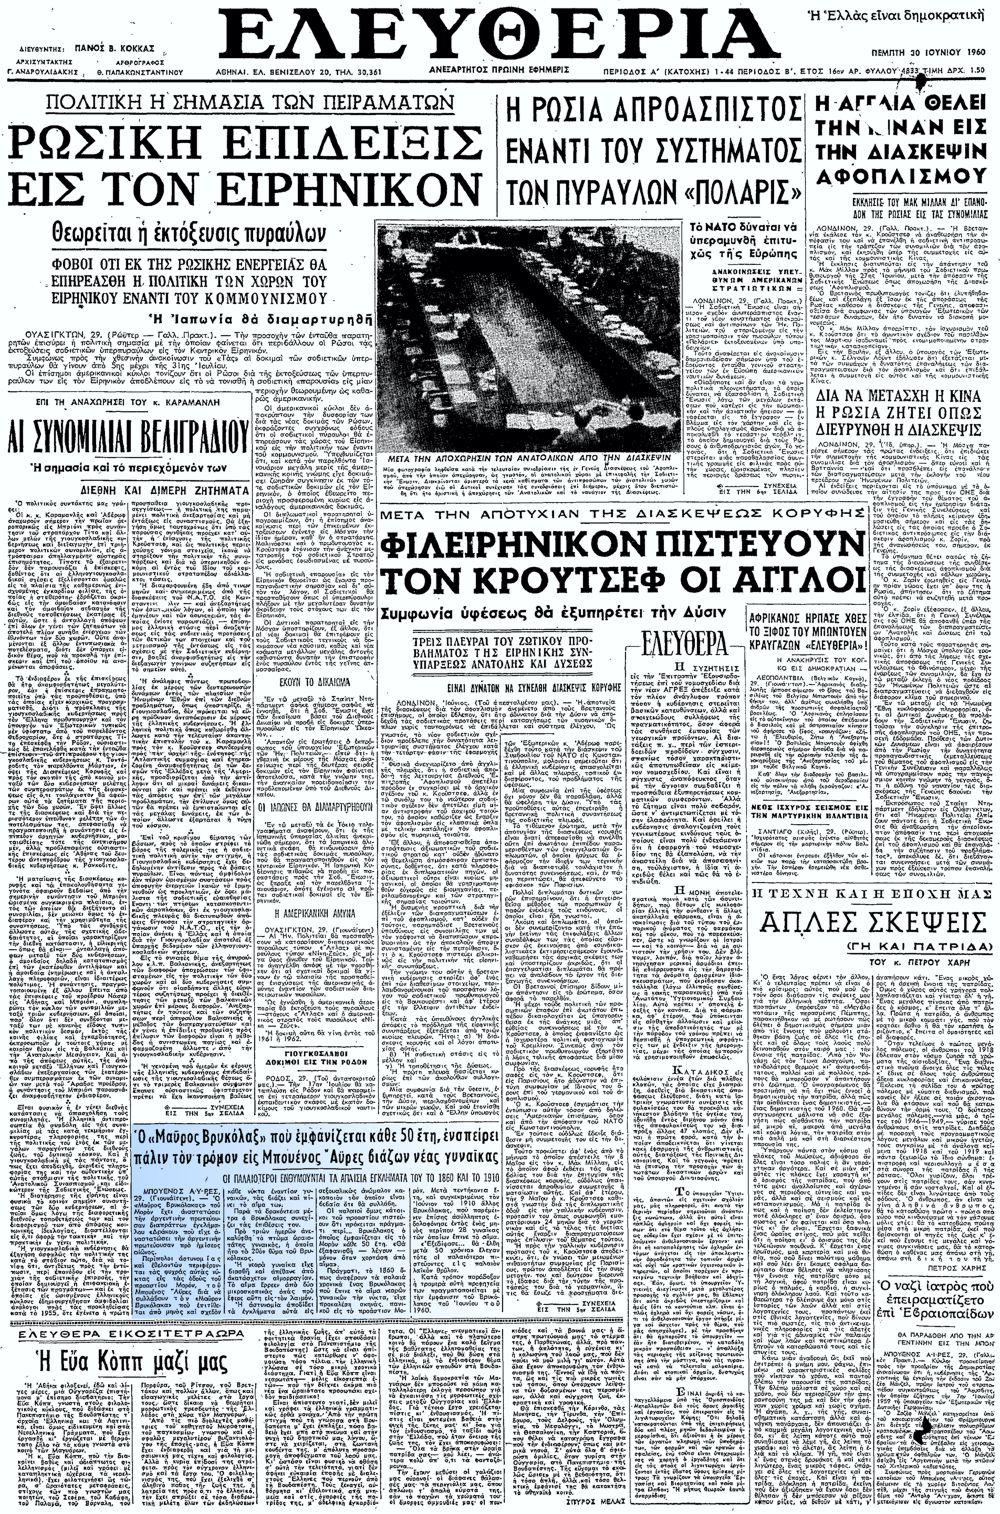 """Το άρθρο, όπως δημοσιεύθηκε στην εφημερίδα """"ΕΛΕΥΘΕΡΙΑ"""", στις 30/06/1960"""